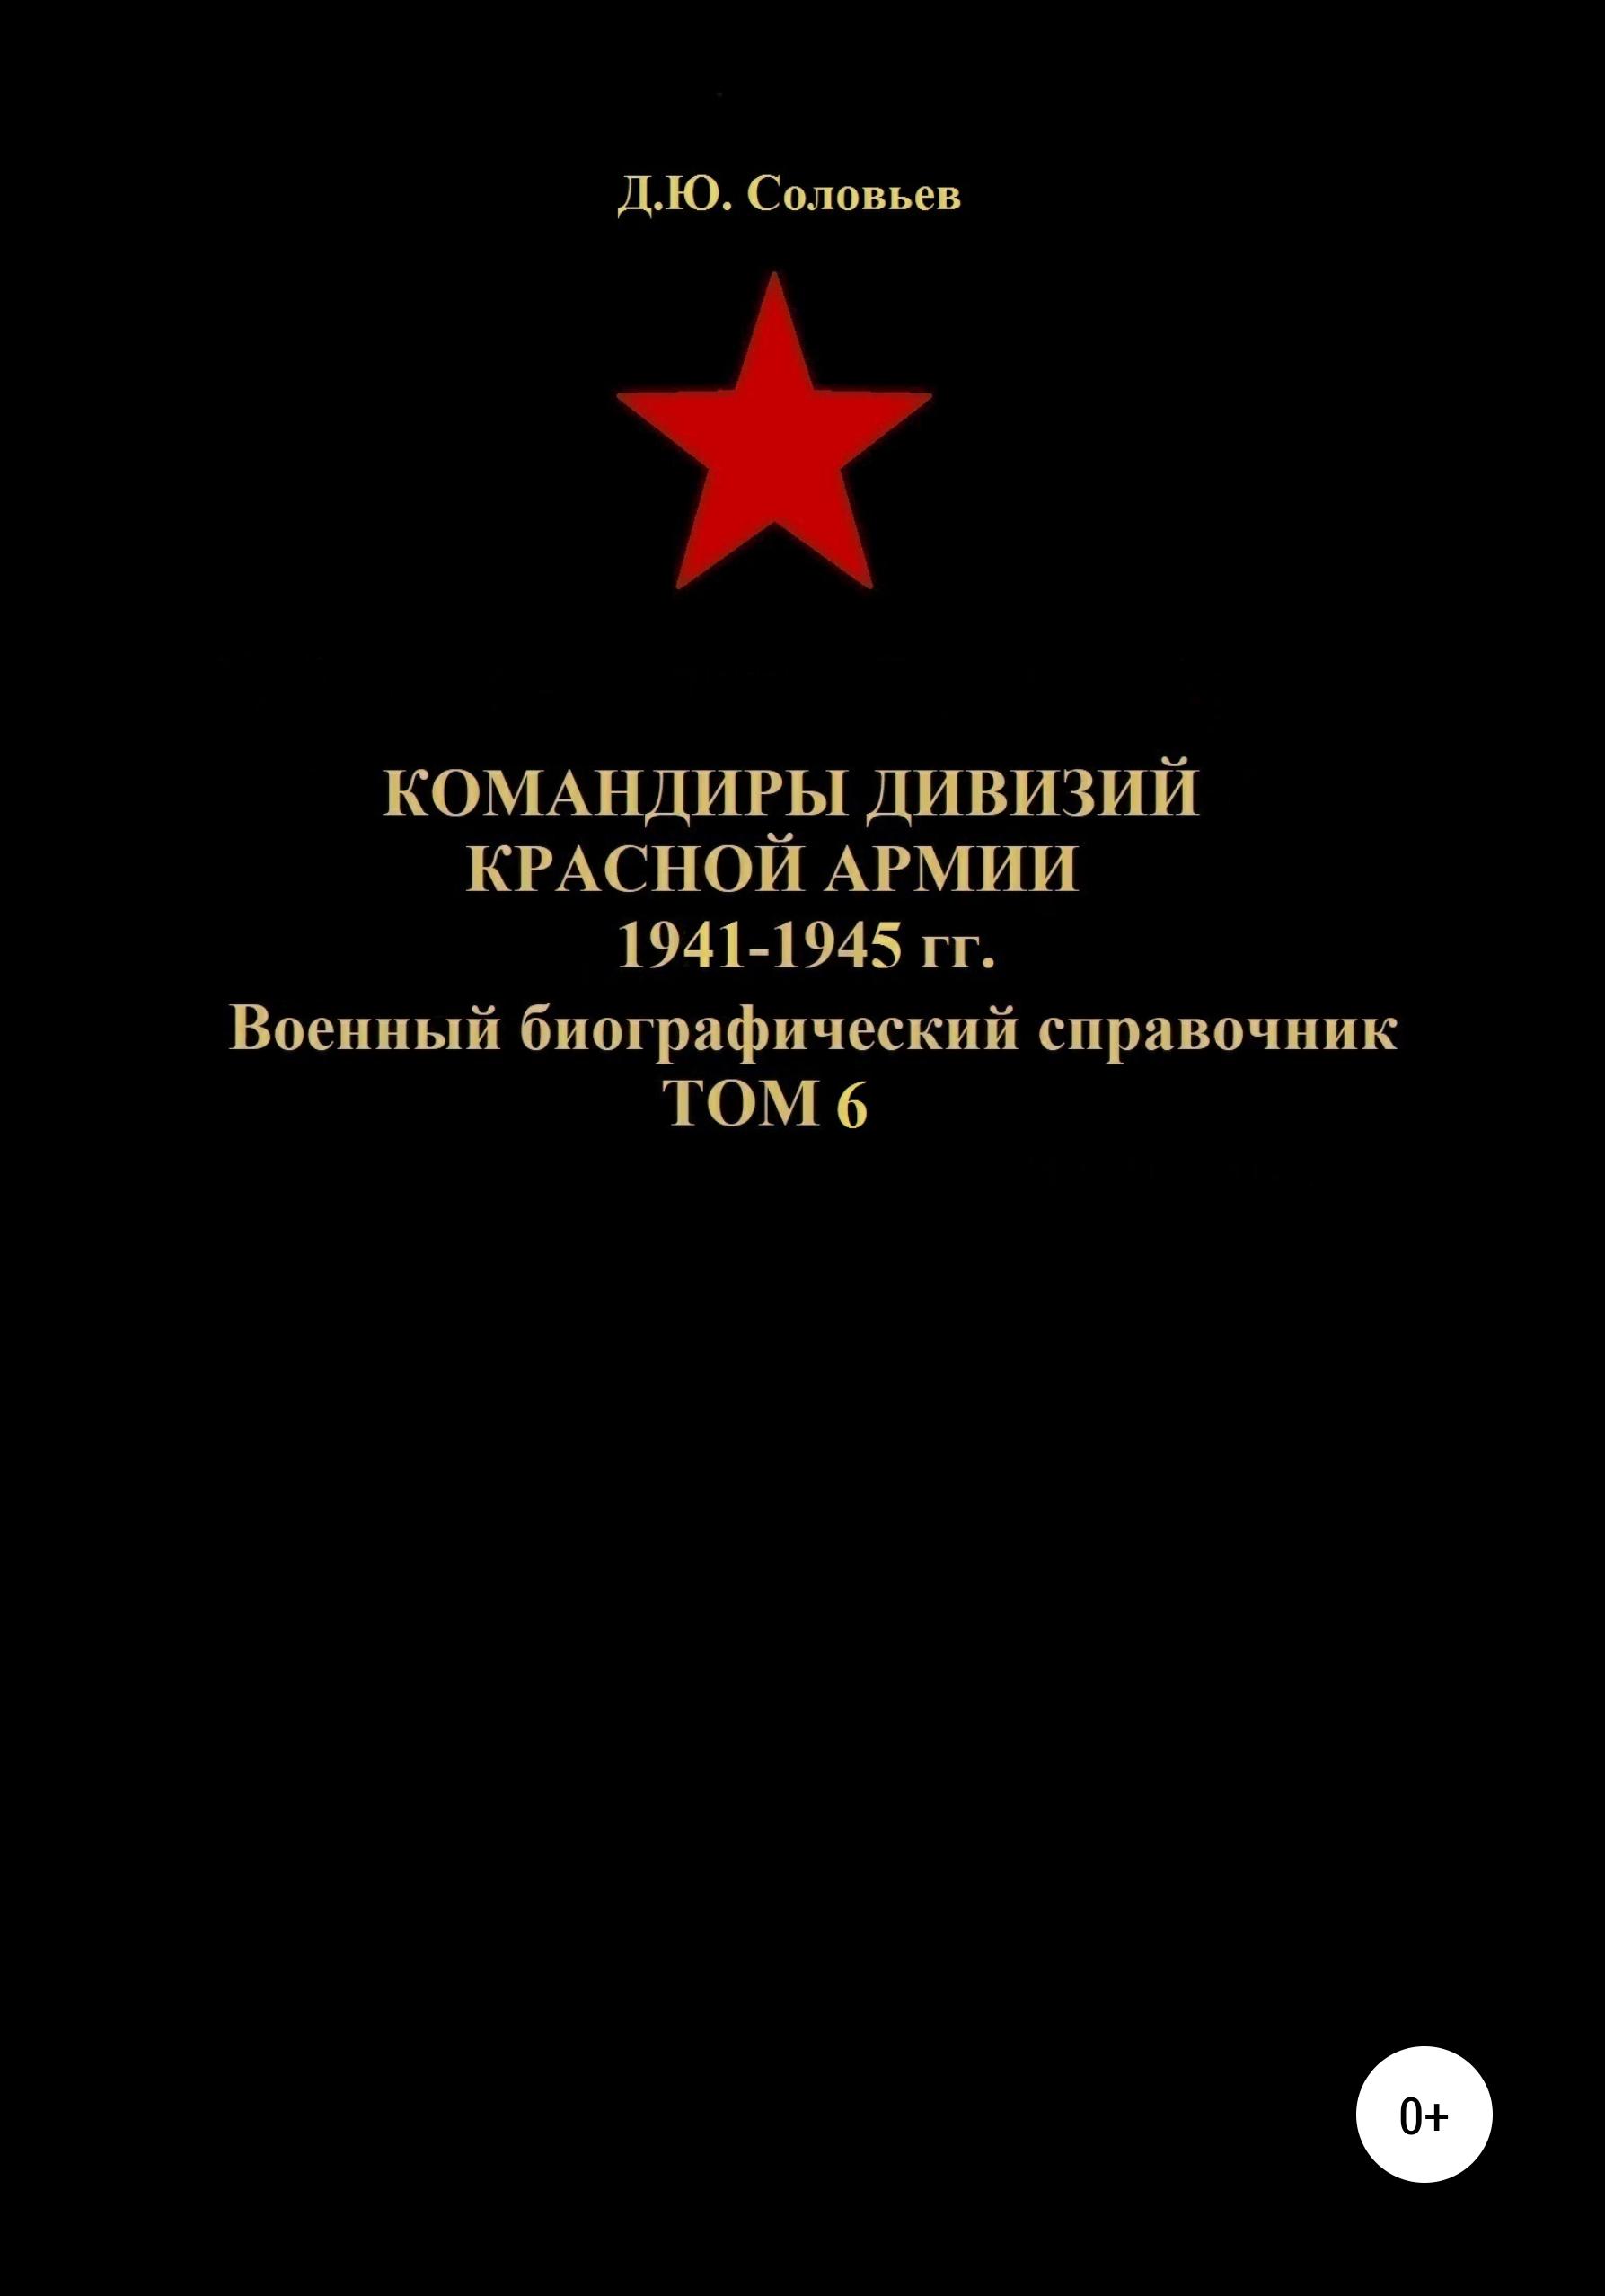 Командиры дивизий Красной Армии 1941-1945 гг. Том 6